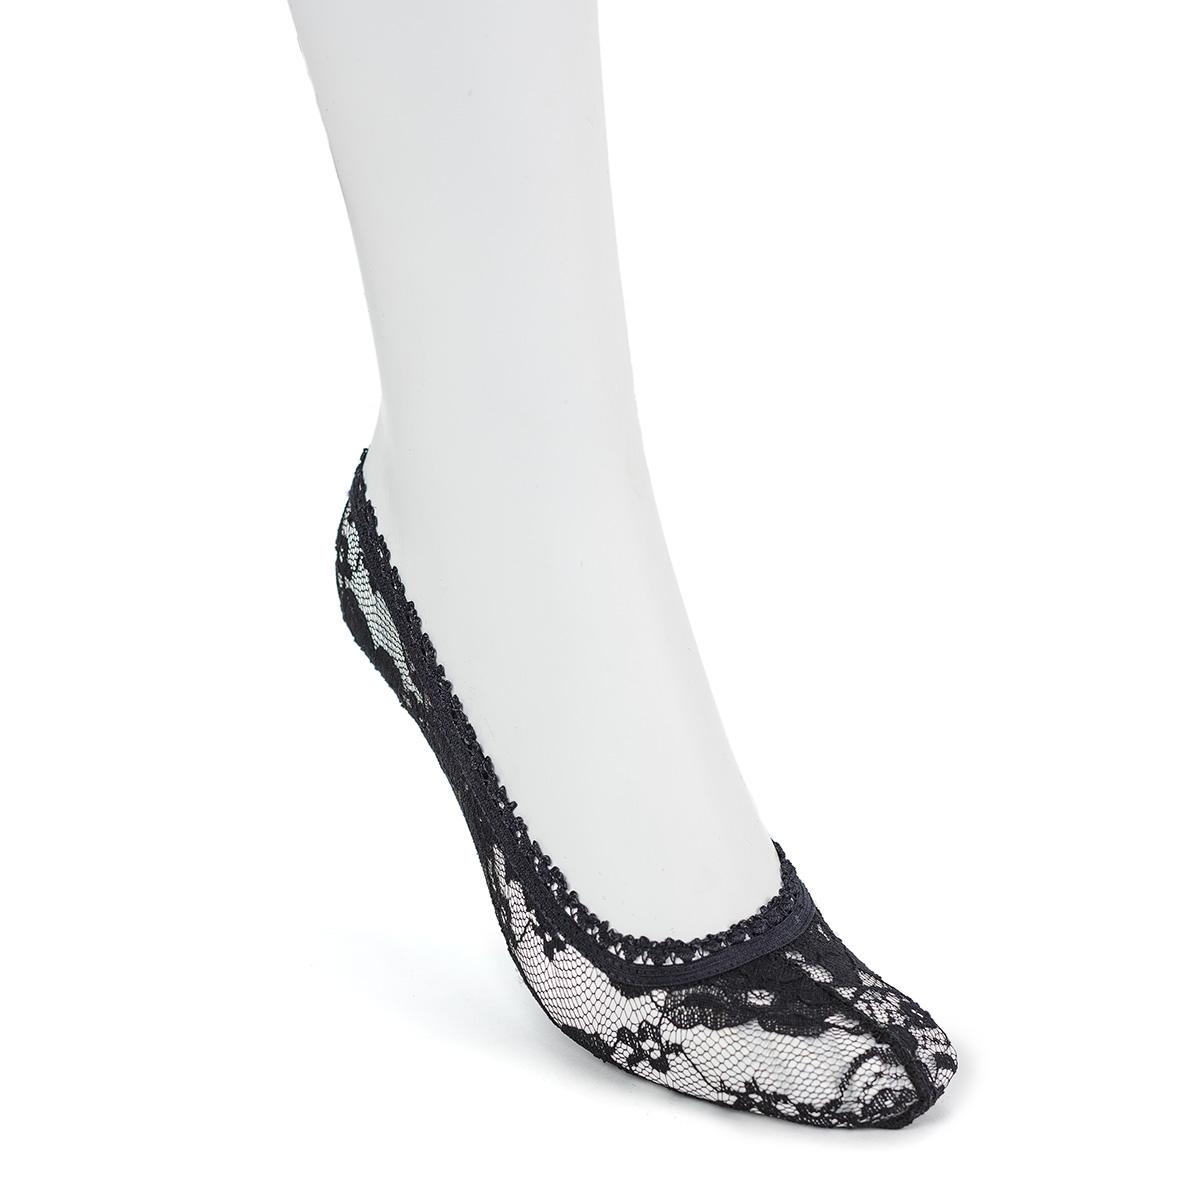 Следки Анфиса, цвет ЧерныйНоски и чулки<br><br><br>Тип: Жен. носки<br>Размер: 36-41<br>Материал: Полиэстер